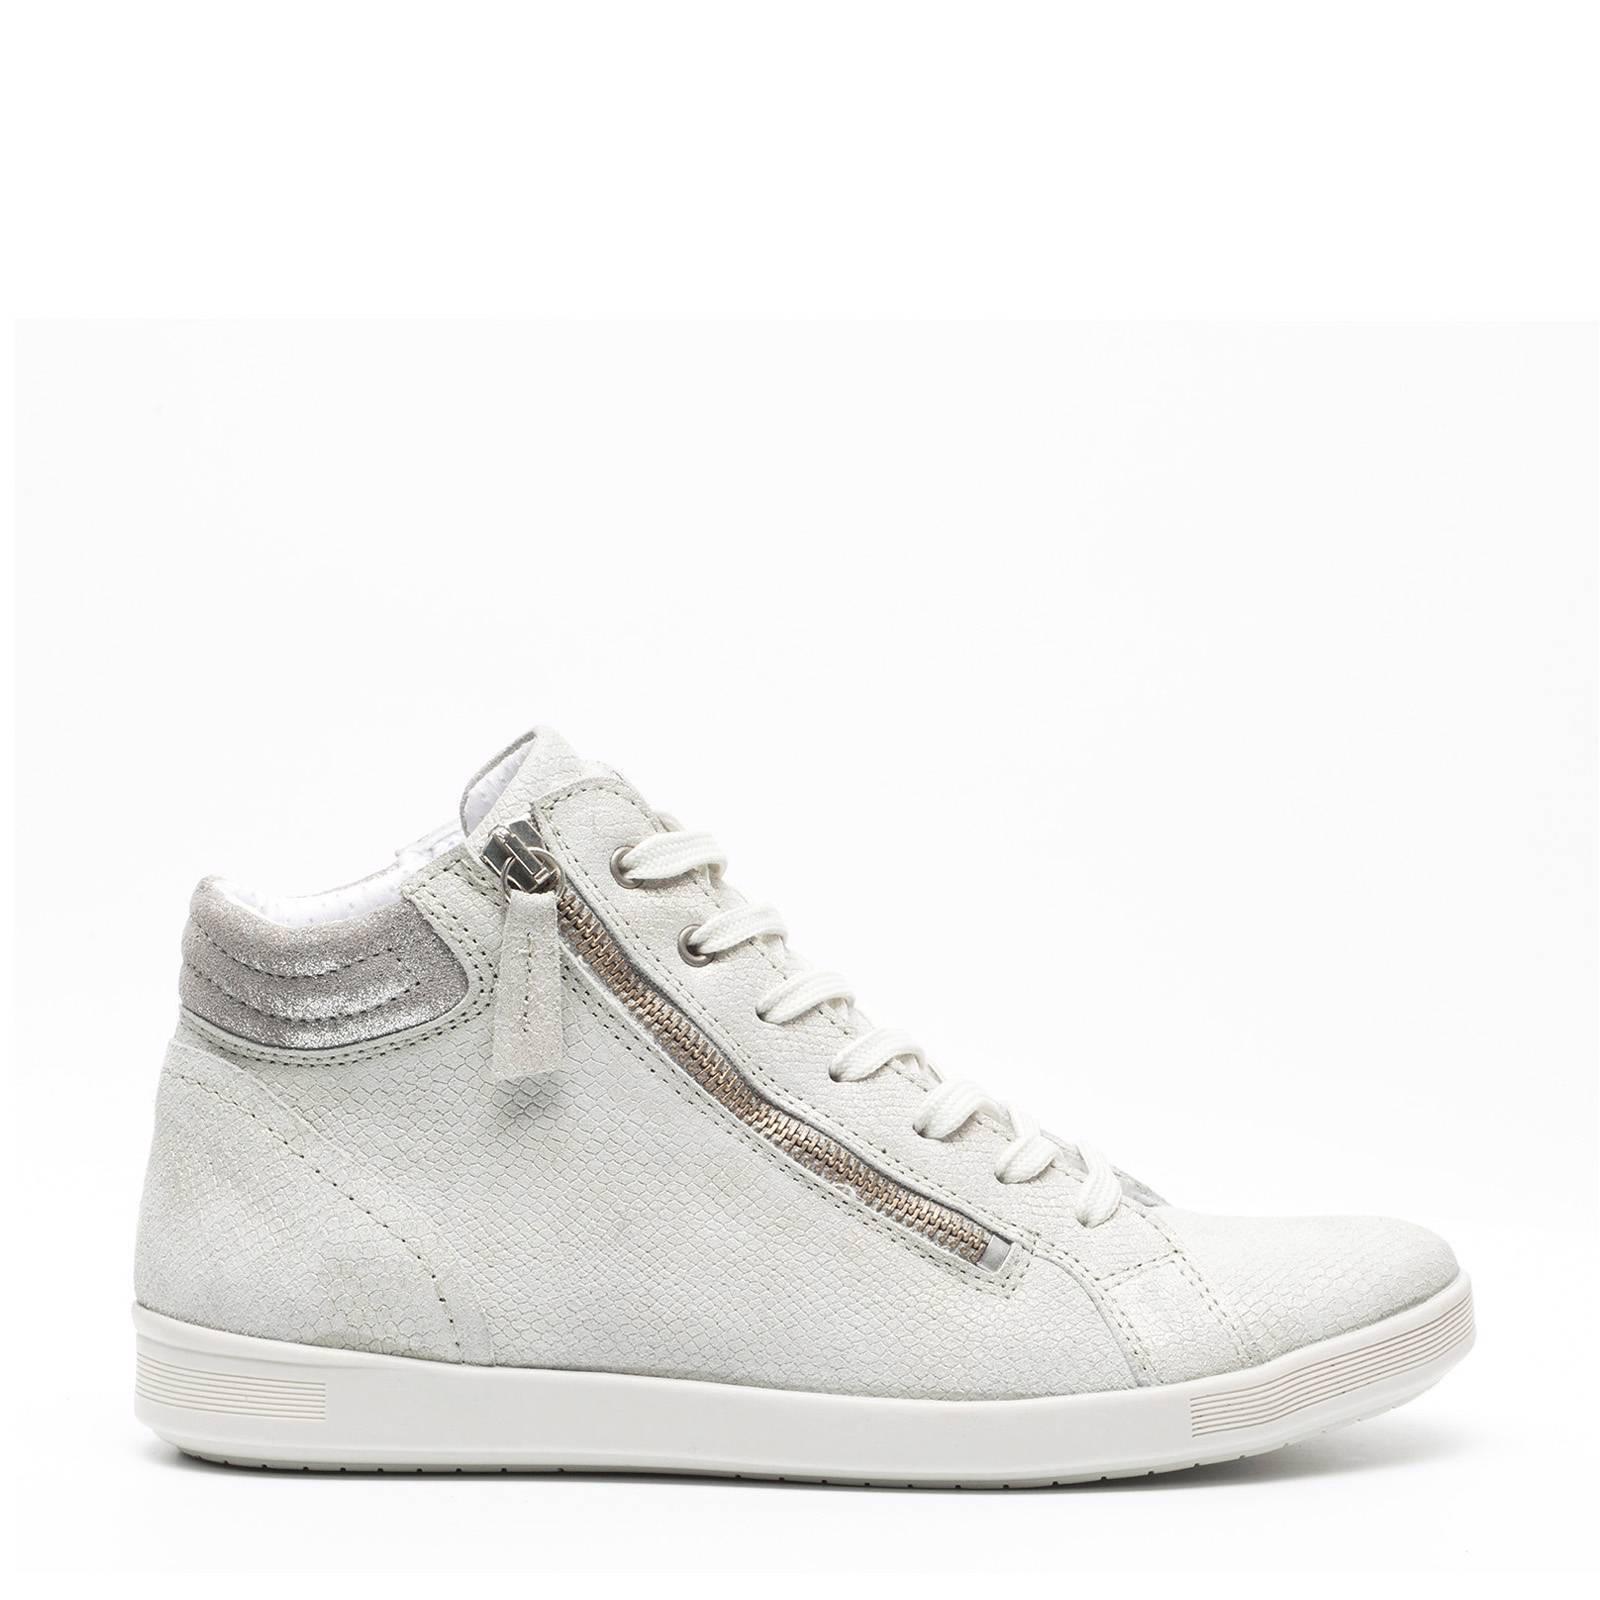 Sneakers Leren Scapino Metallic Puppies Wehkamp Hush xwxqP8v